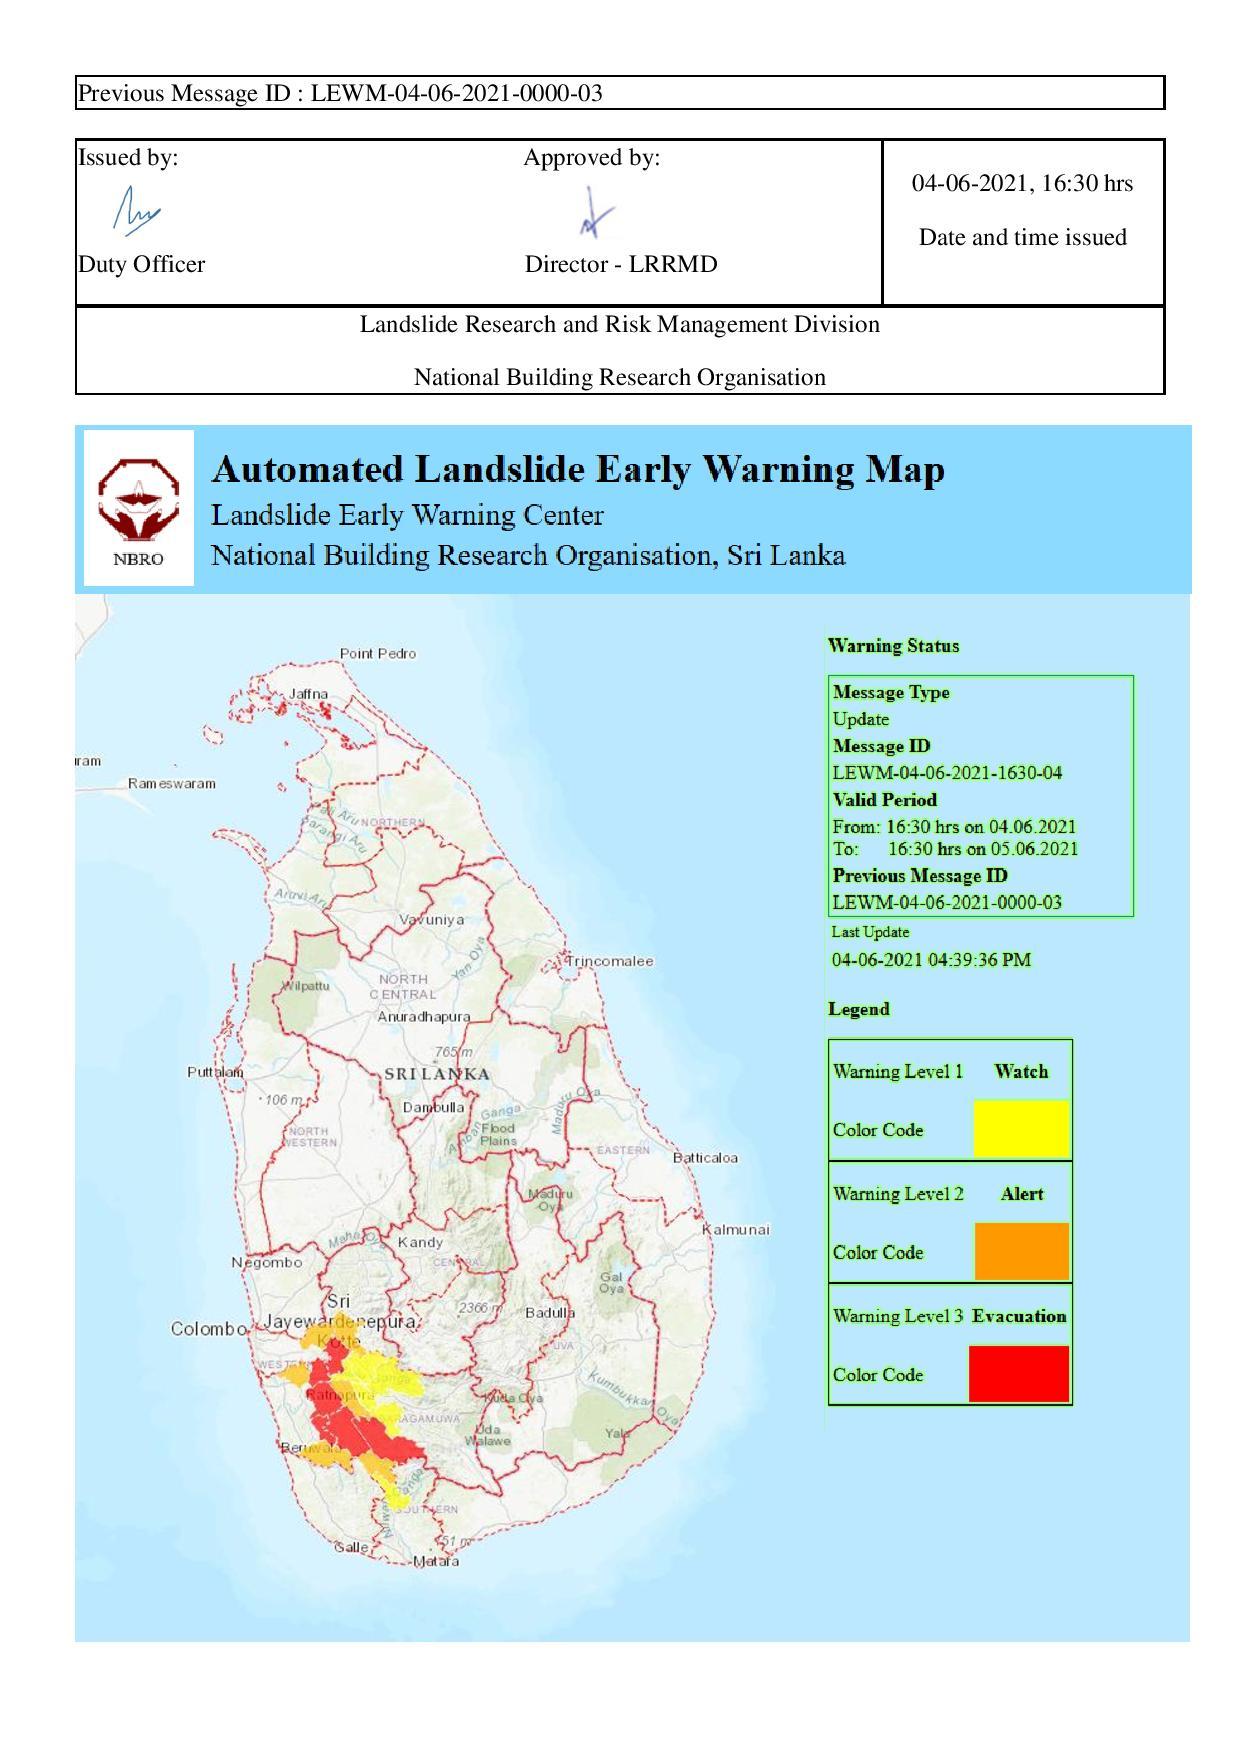 Landslides warning